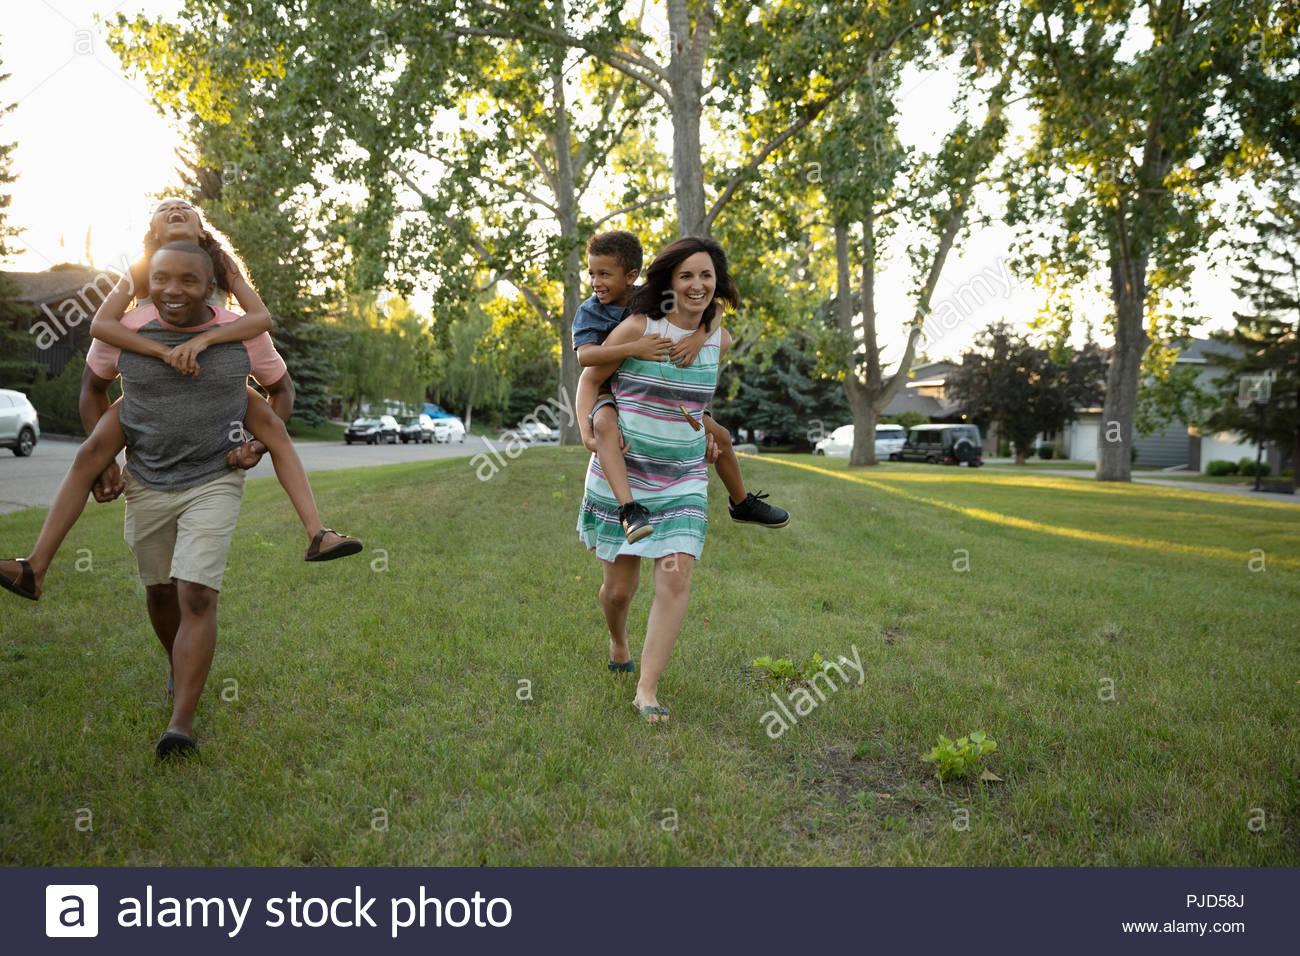 Giocoso genitori piggybacking kids in posizione di parcheggio Immagini Stock